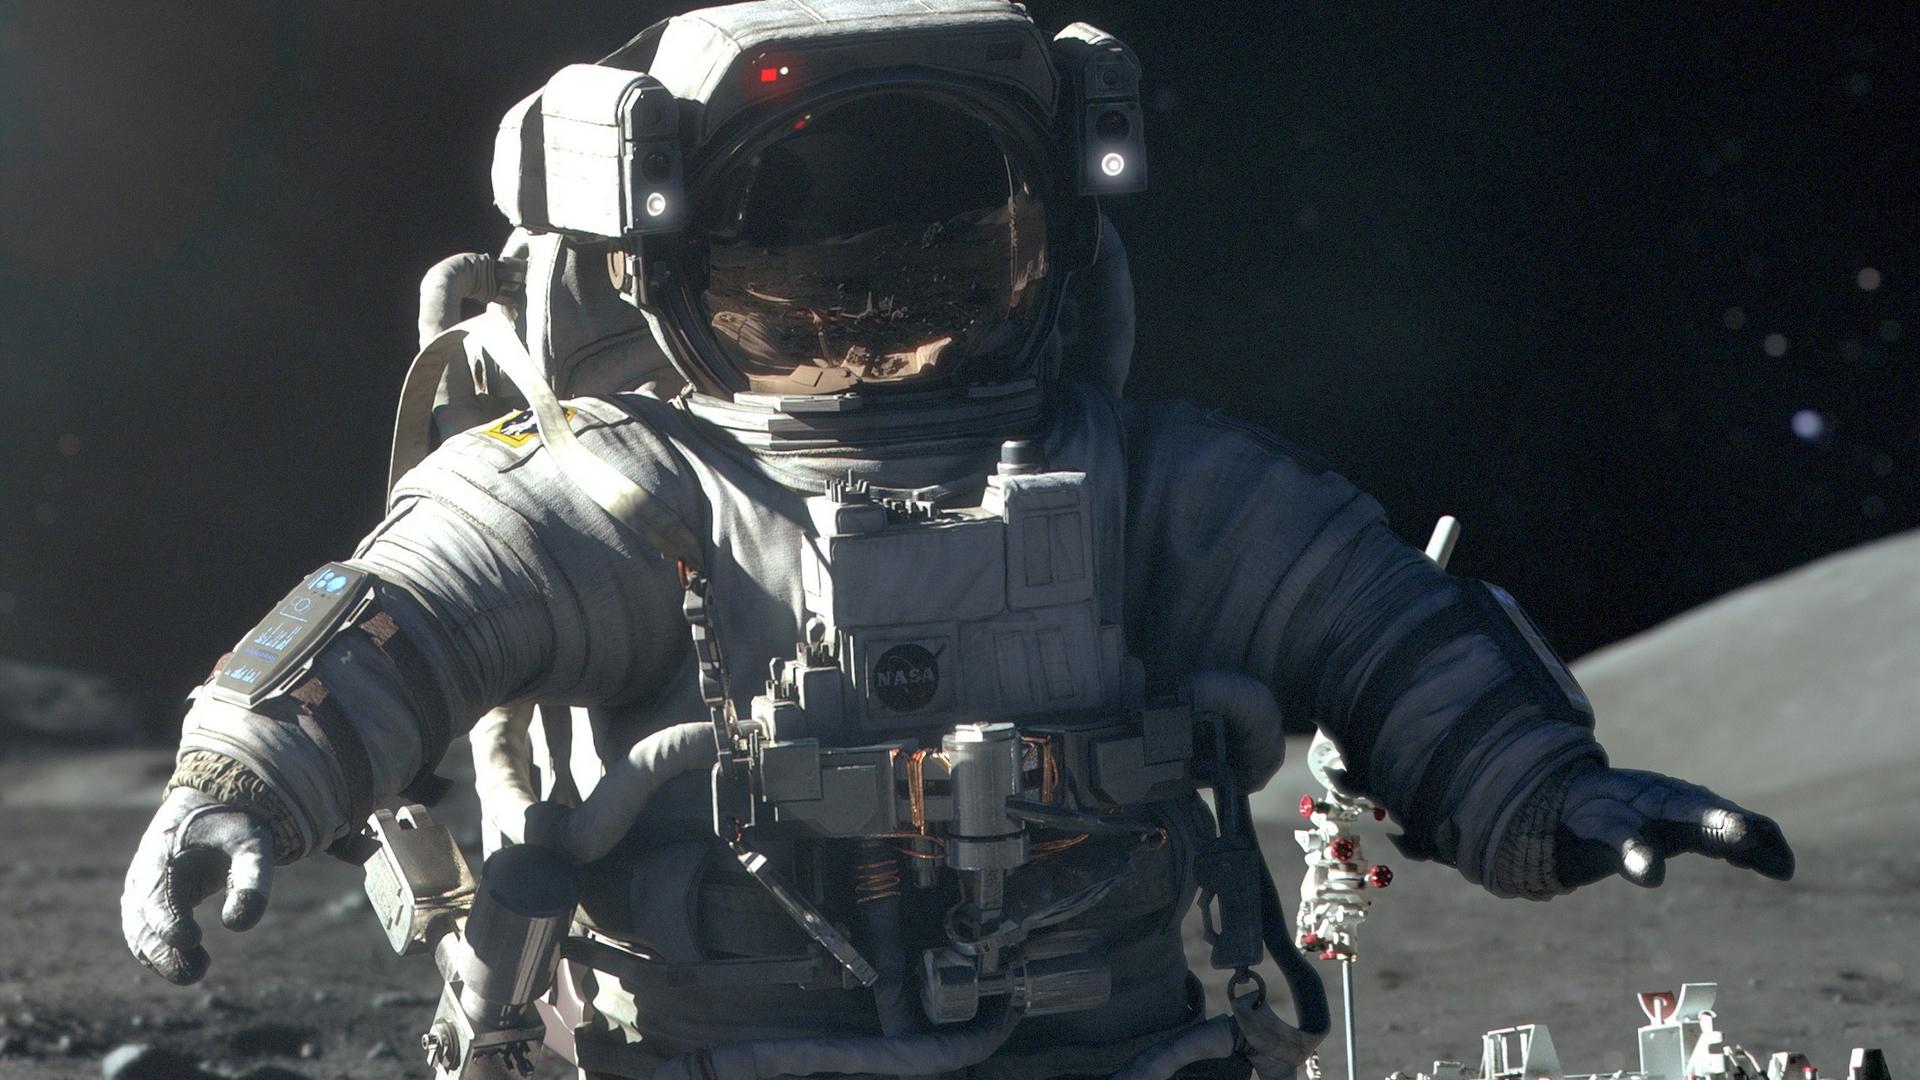 космонавт, скафандр, шлем